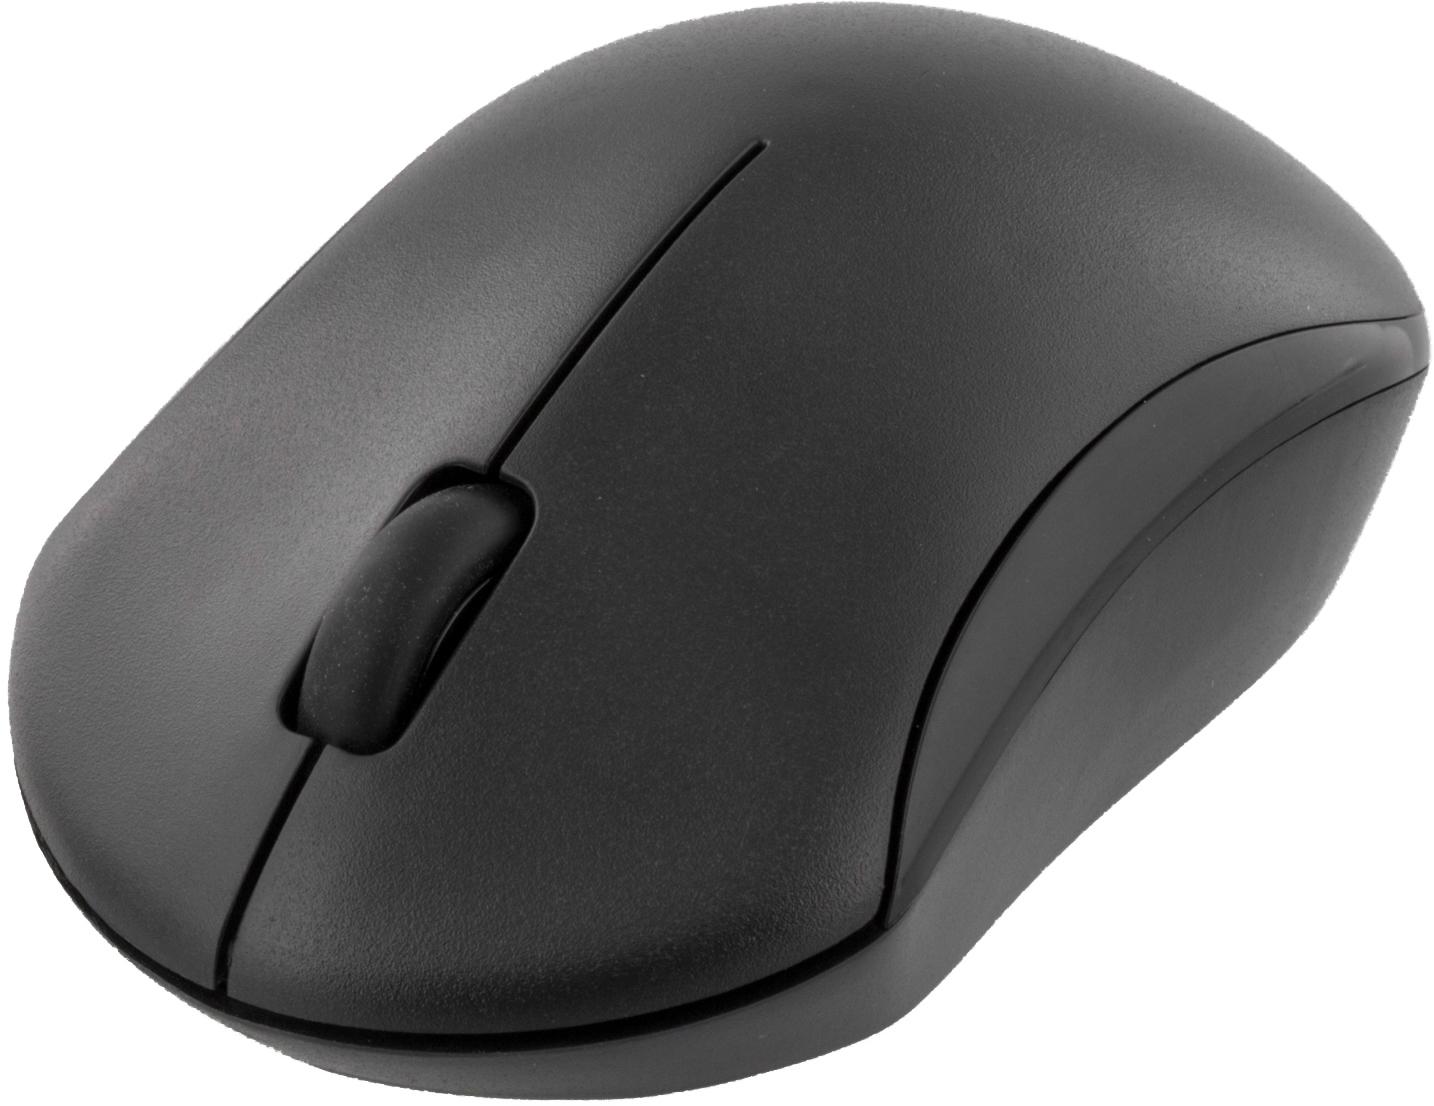 TB 124 Deltaco trådløst tastatur og mus, USB, 10m, nordisk